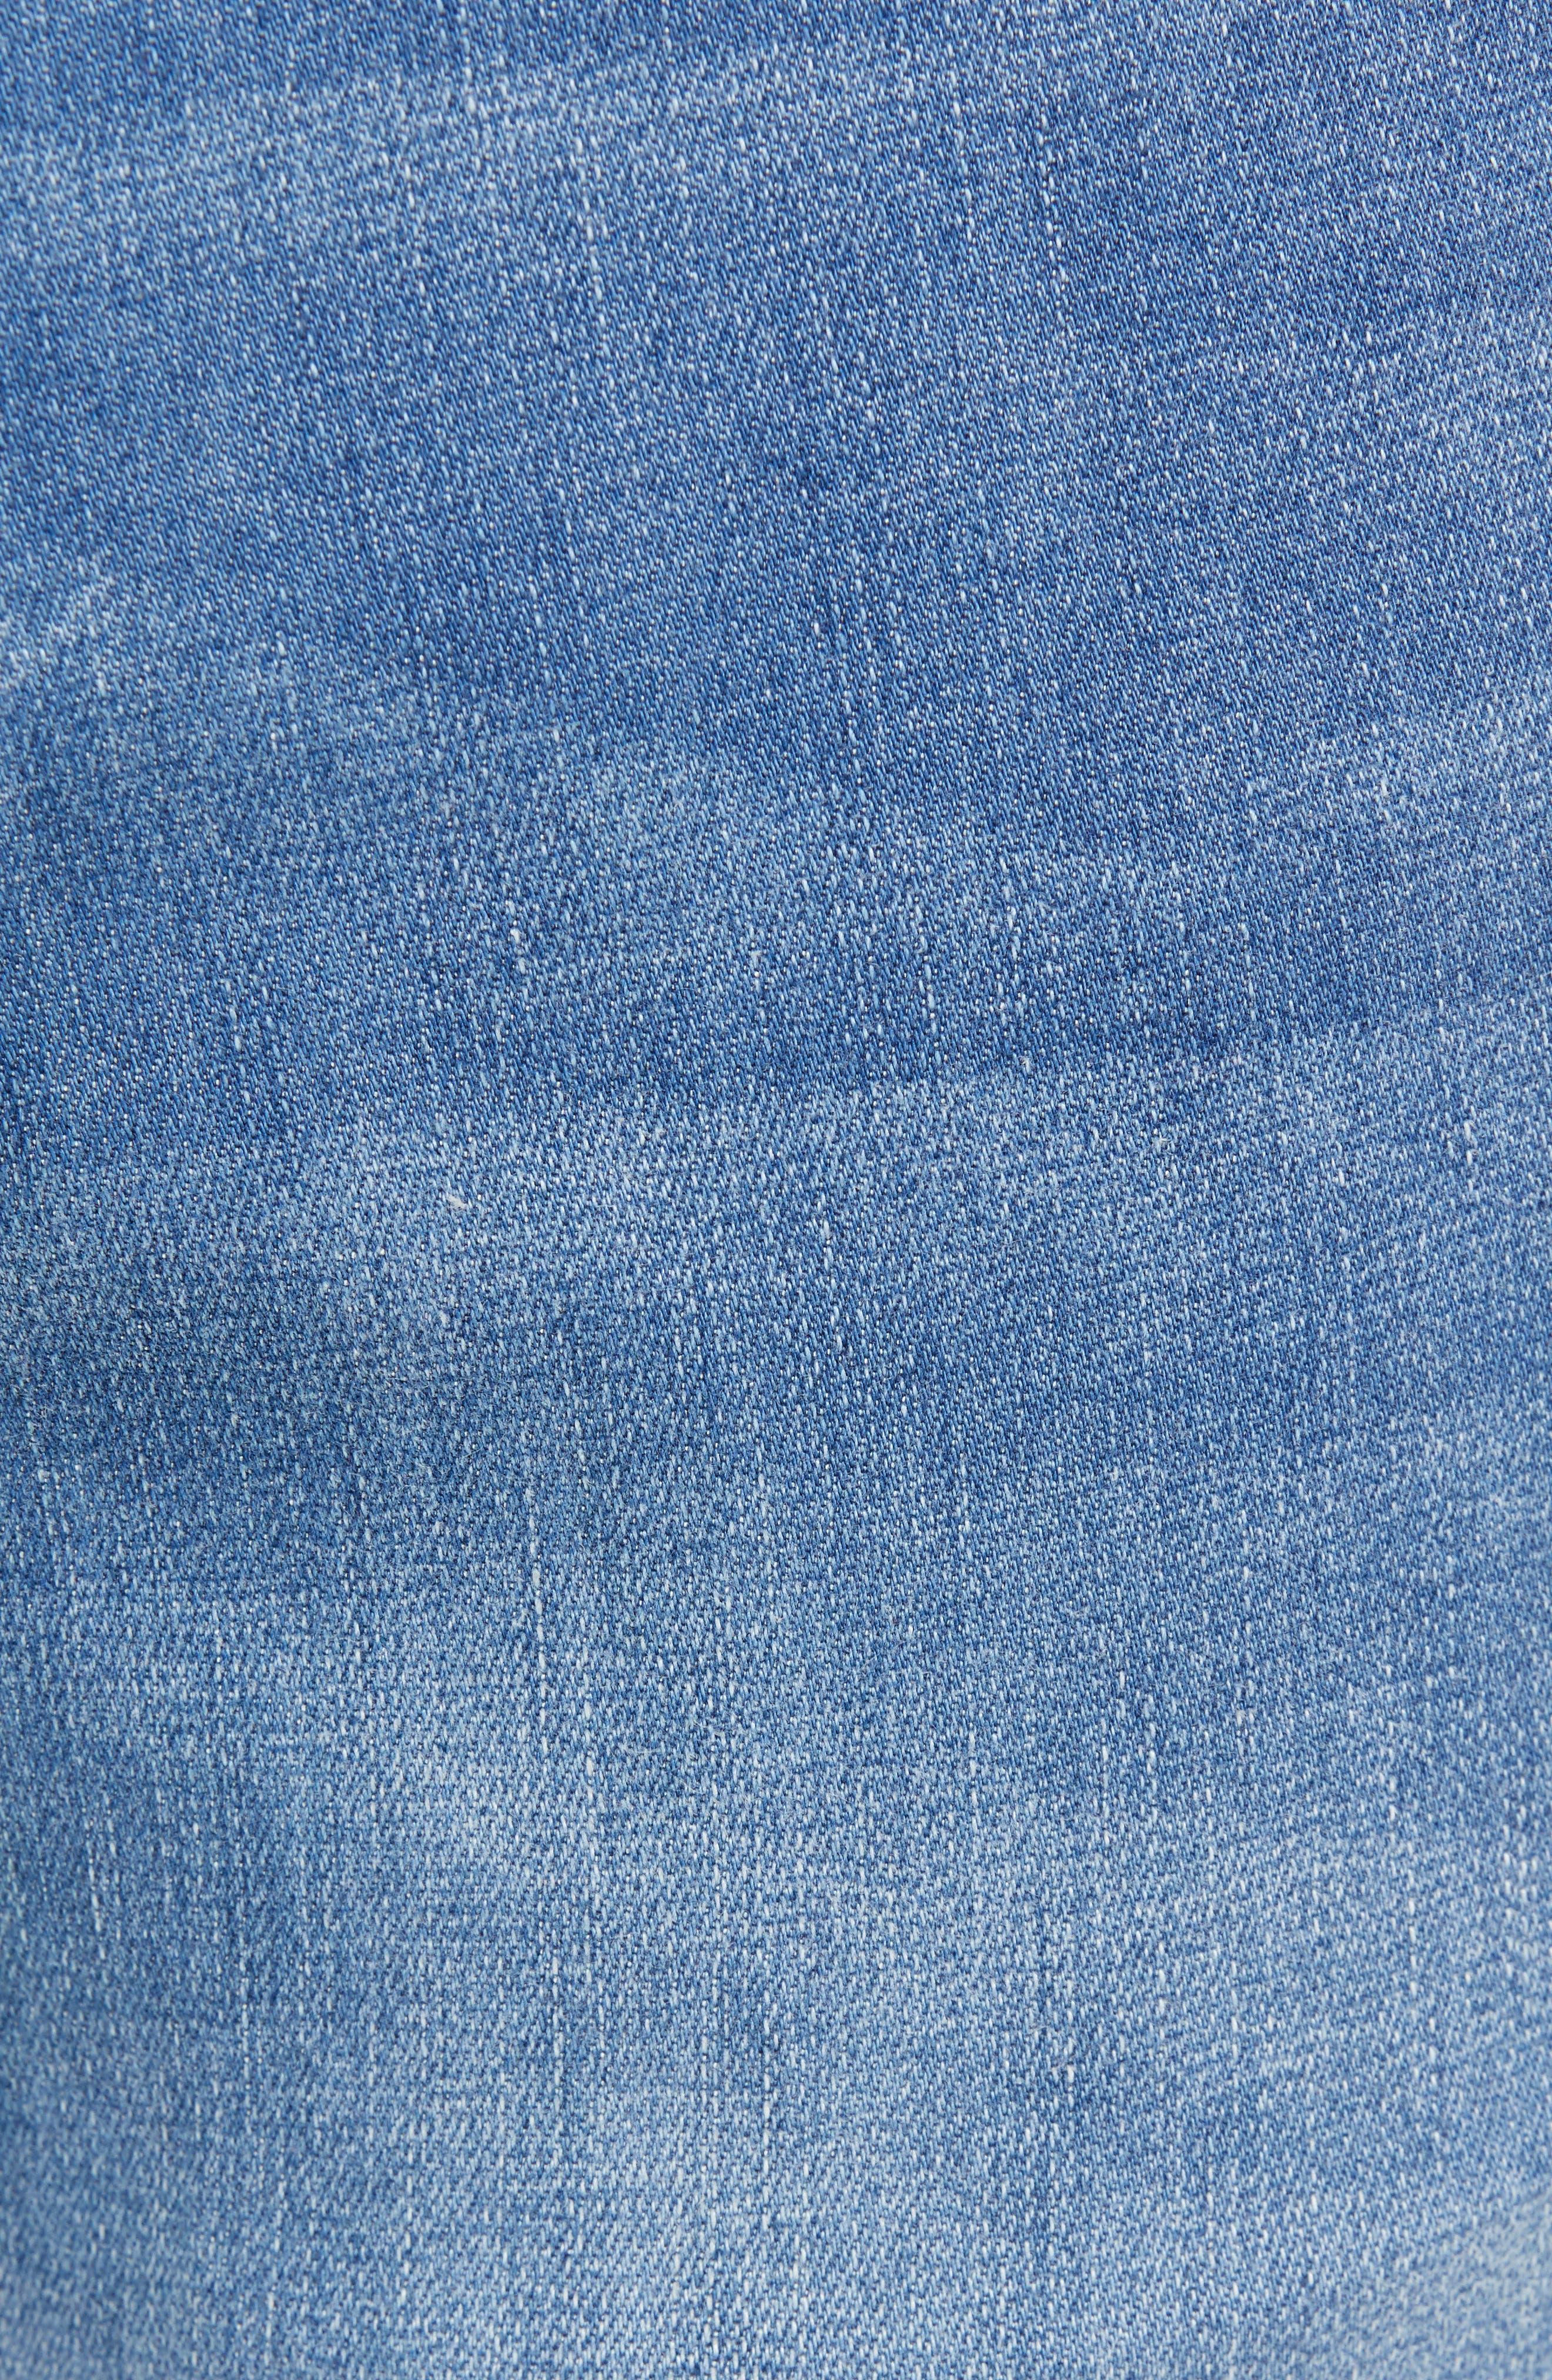 Costa Rica Vintage Regular Fit Jeans,                             Alternate thumbnail 5, color,                             MED WASH